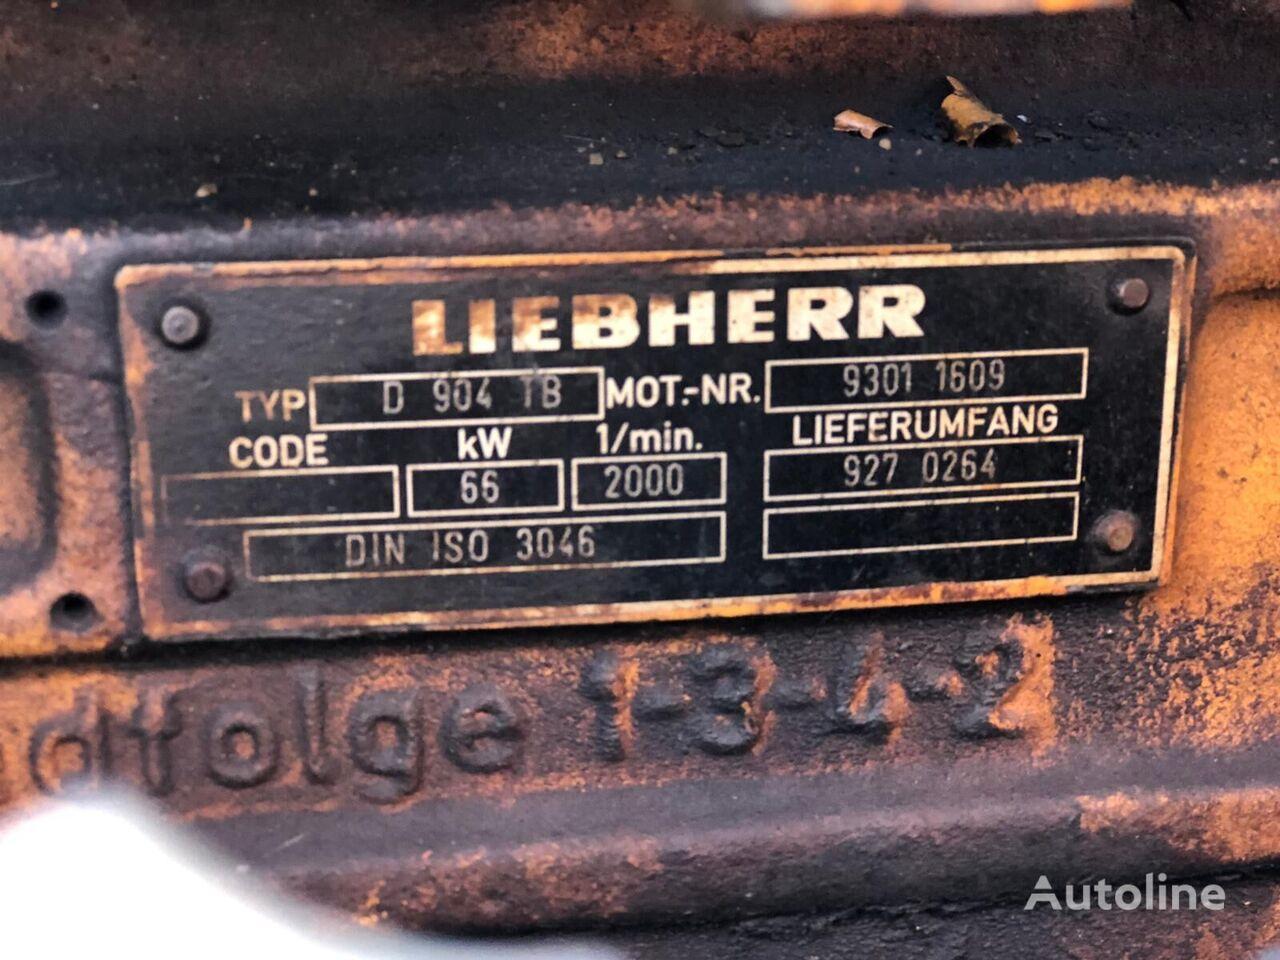 LIEBHERR D904 TB (9301 1609) engine for excavator